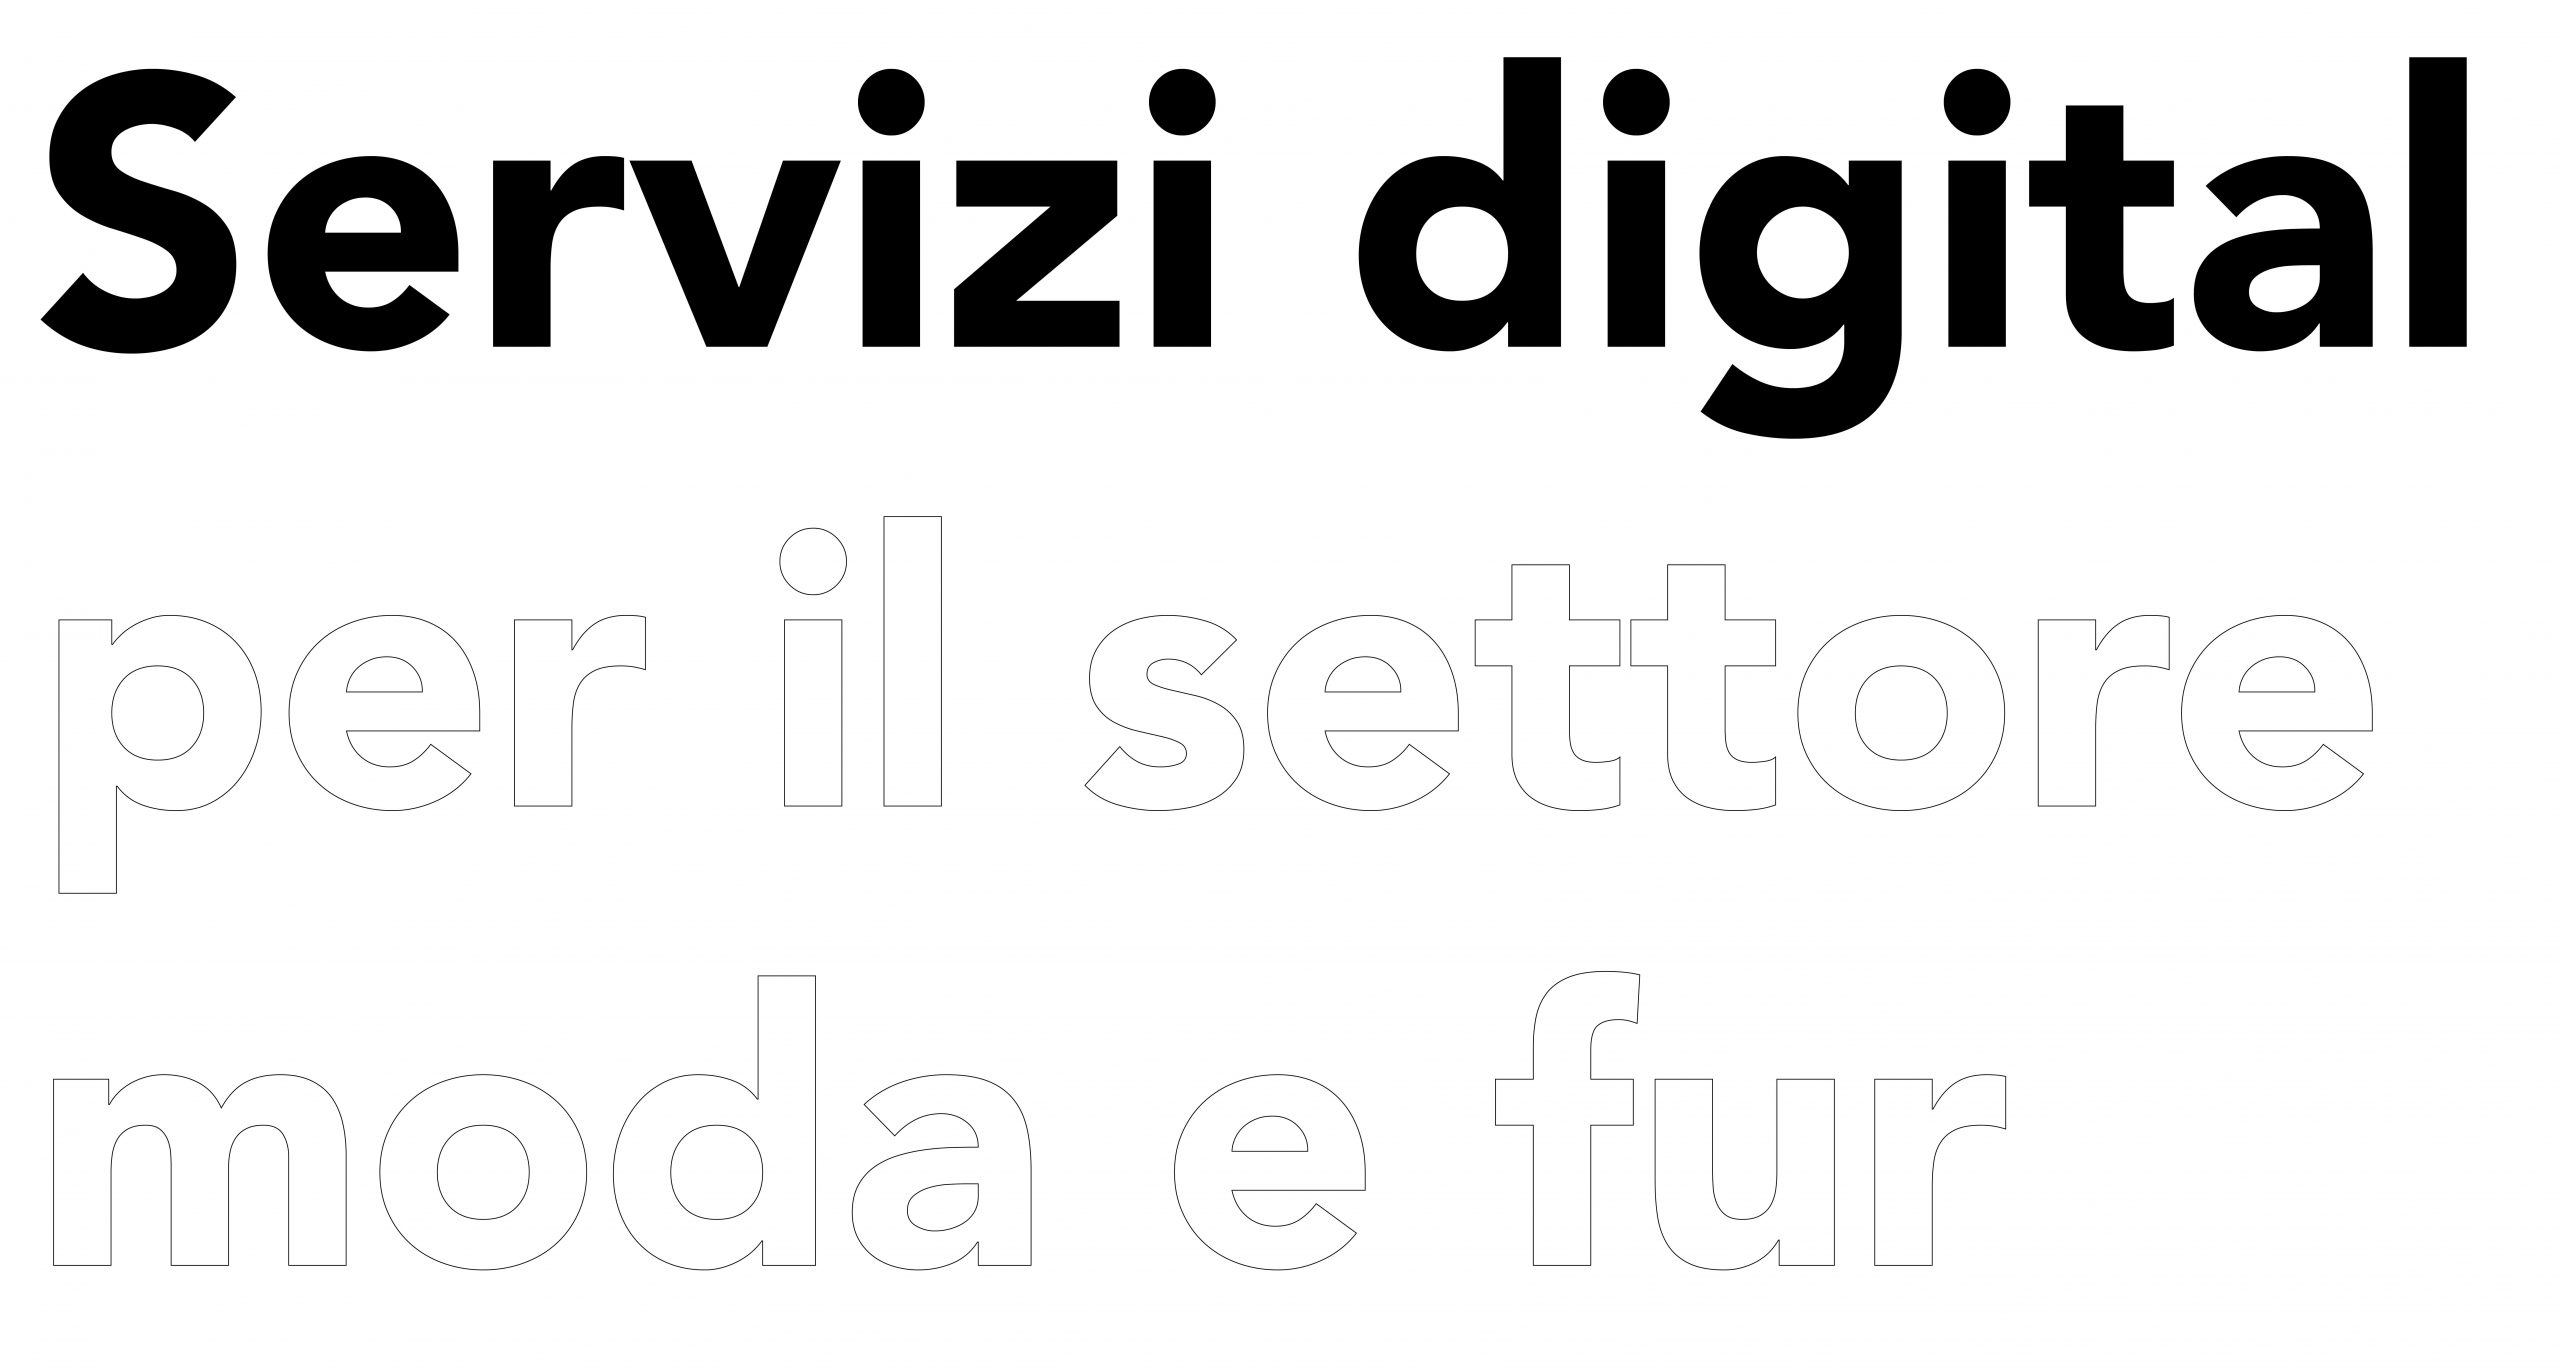 servizi digital instagram pellicecria